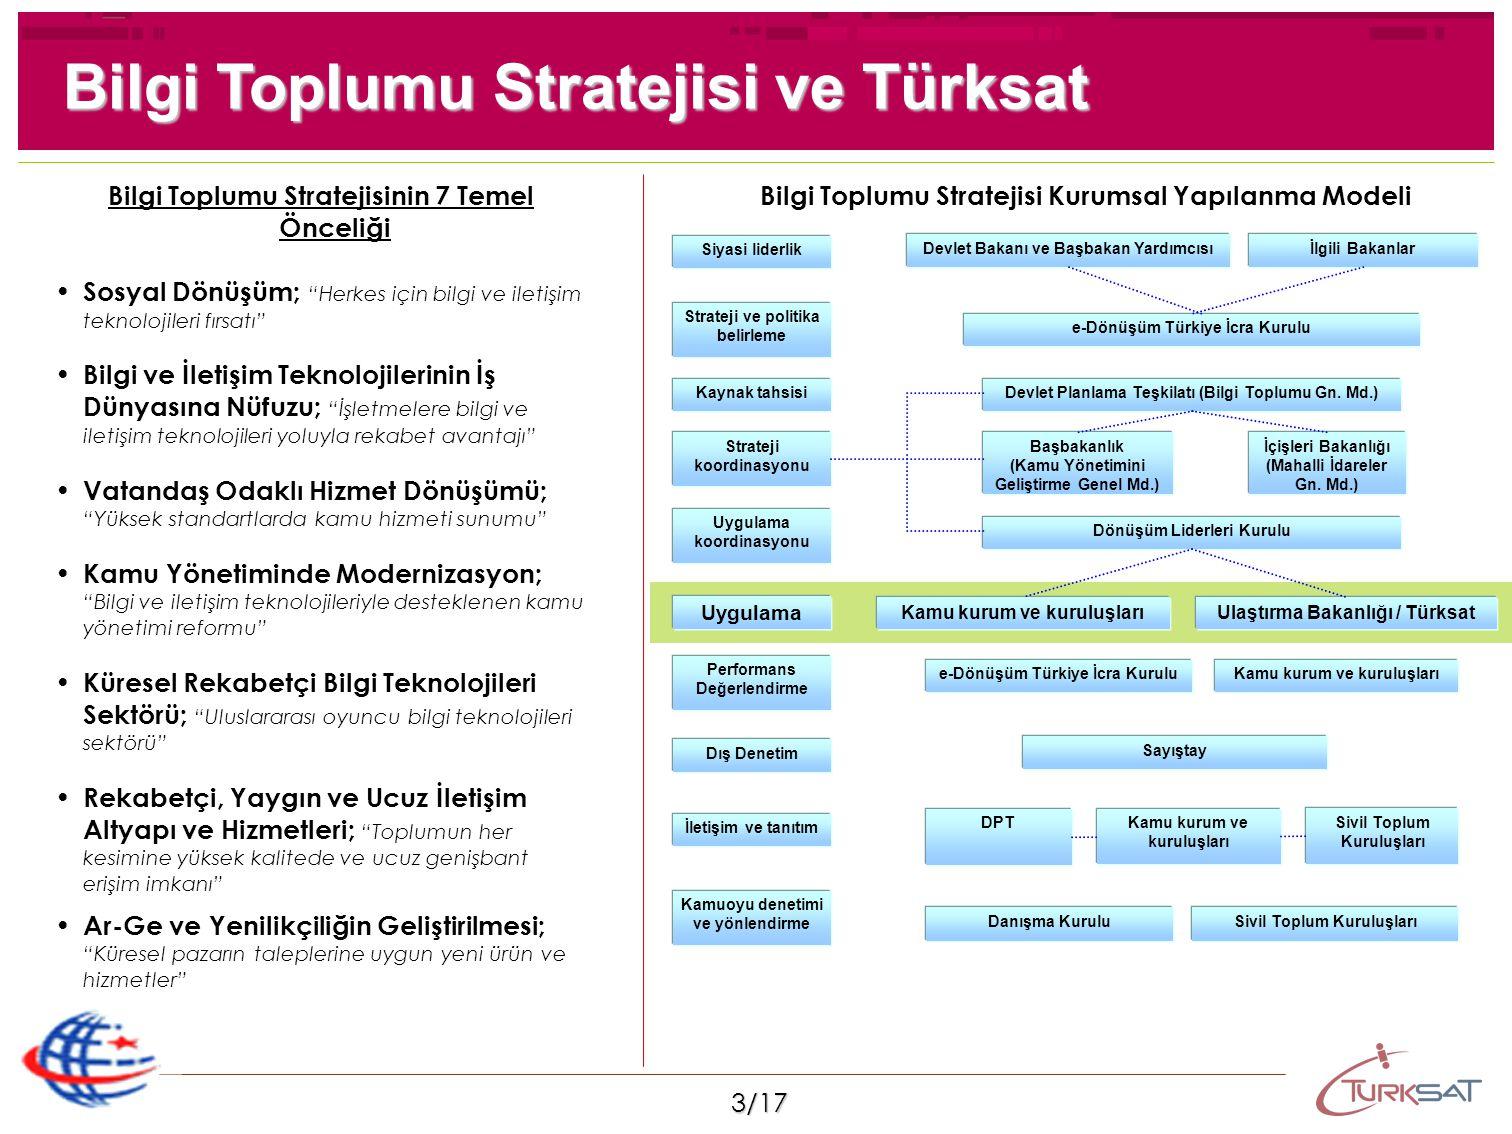 Bilgi Toplumu Stratejisi ve Türksat